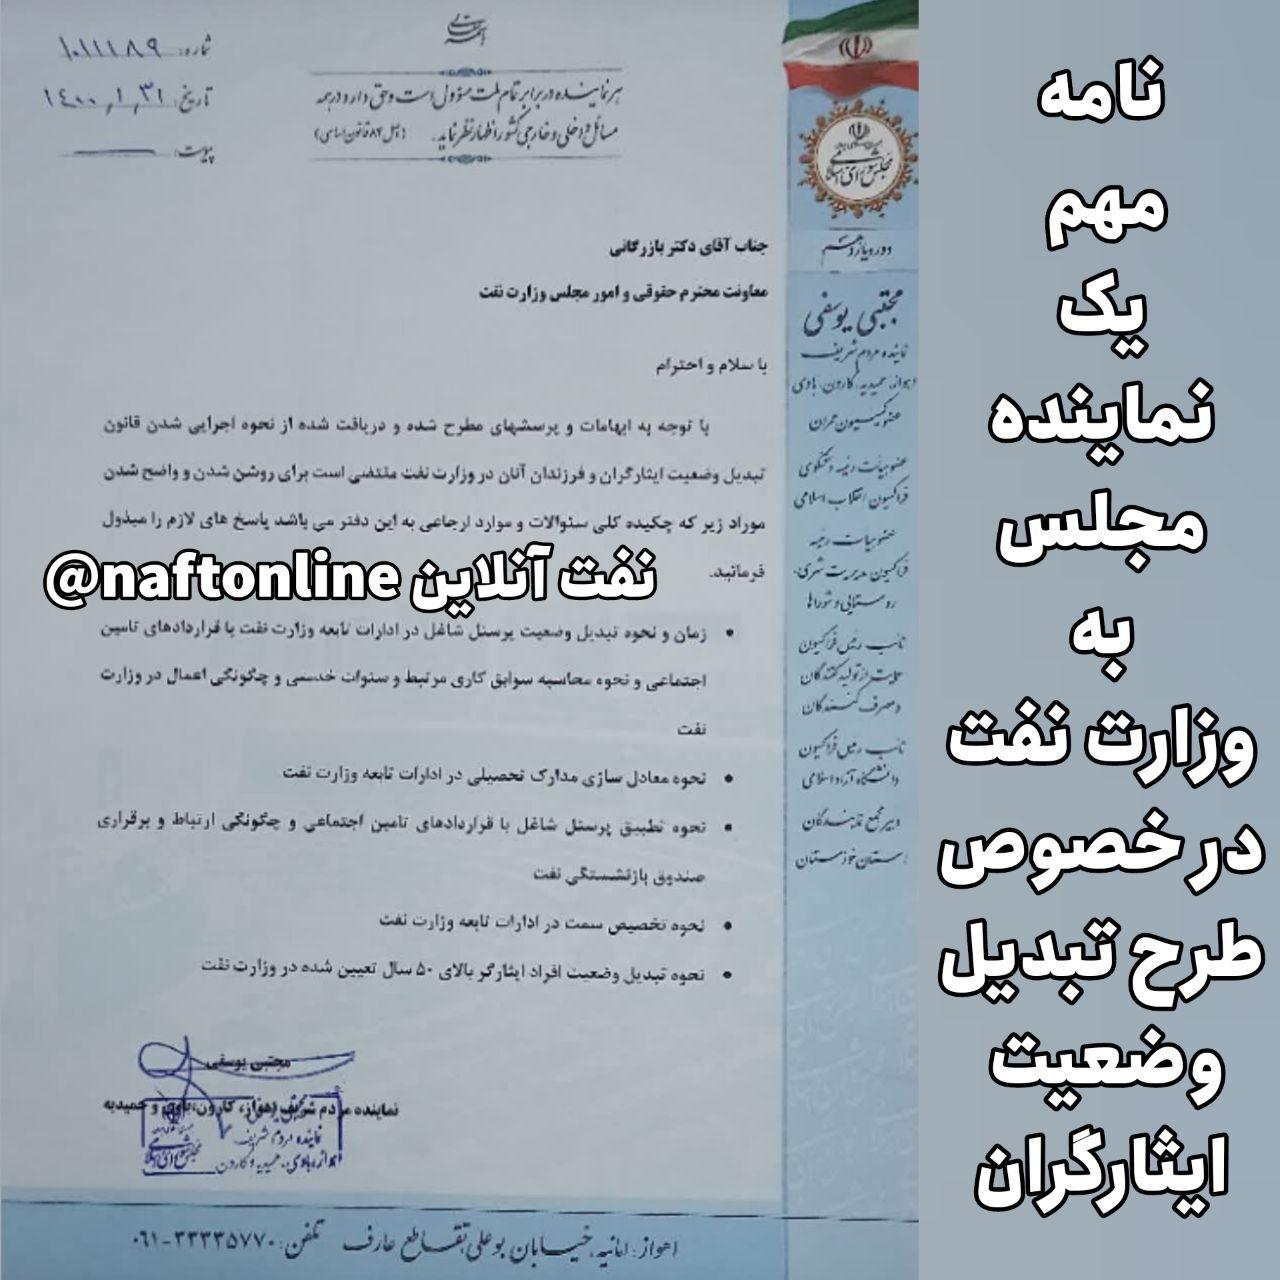 نماینده اهواز در مجلس شورای اسلامی وزارت نفت